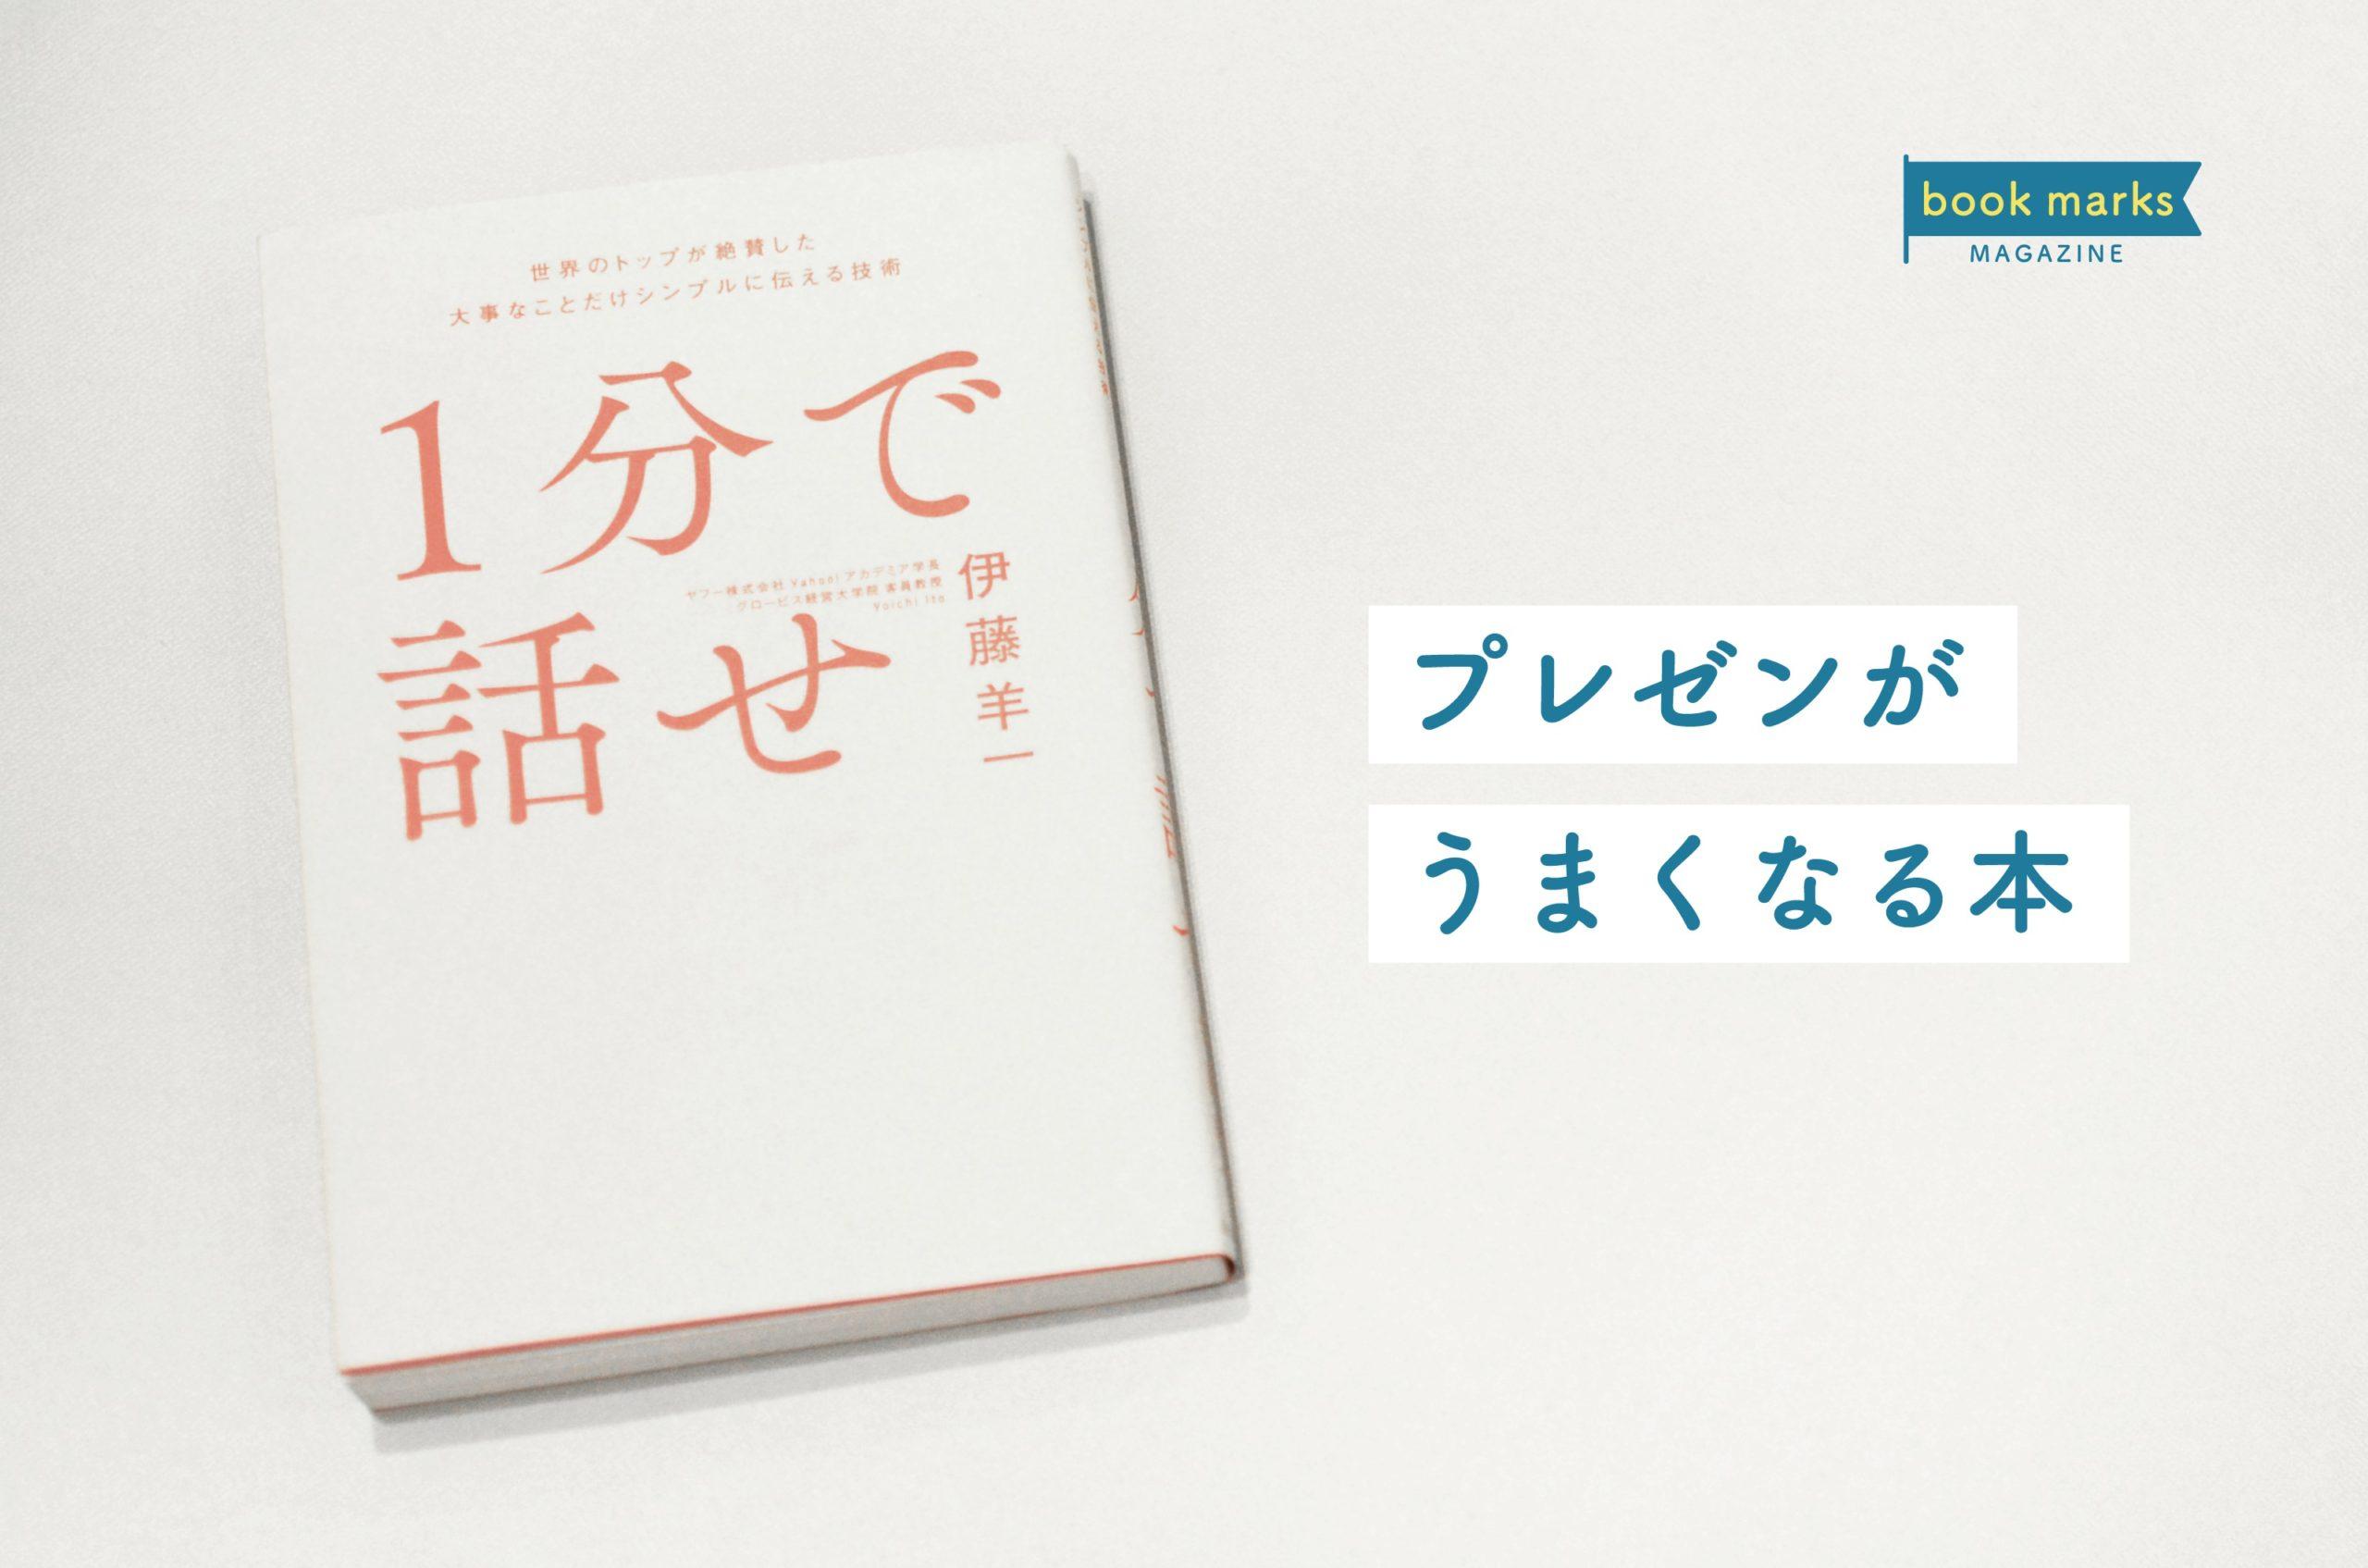 「プレゼンが上手くなる本」のアイキャッチ画像